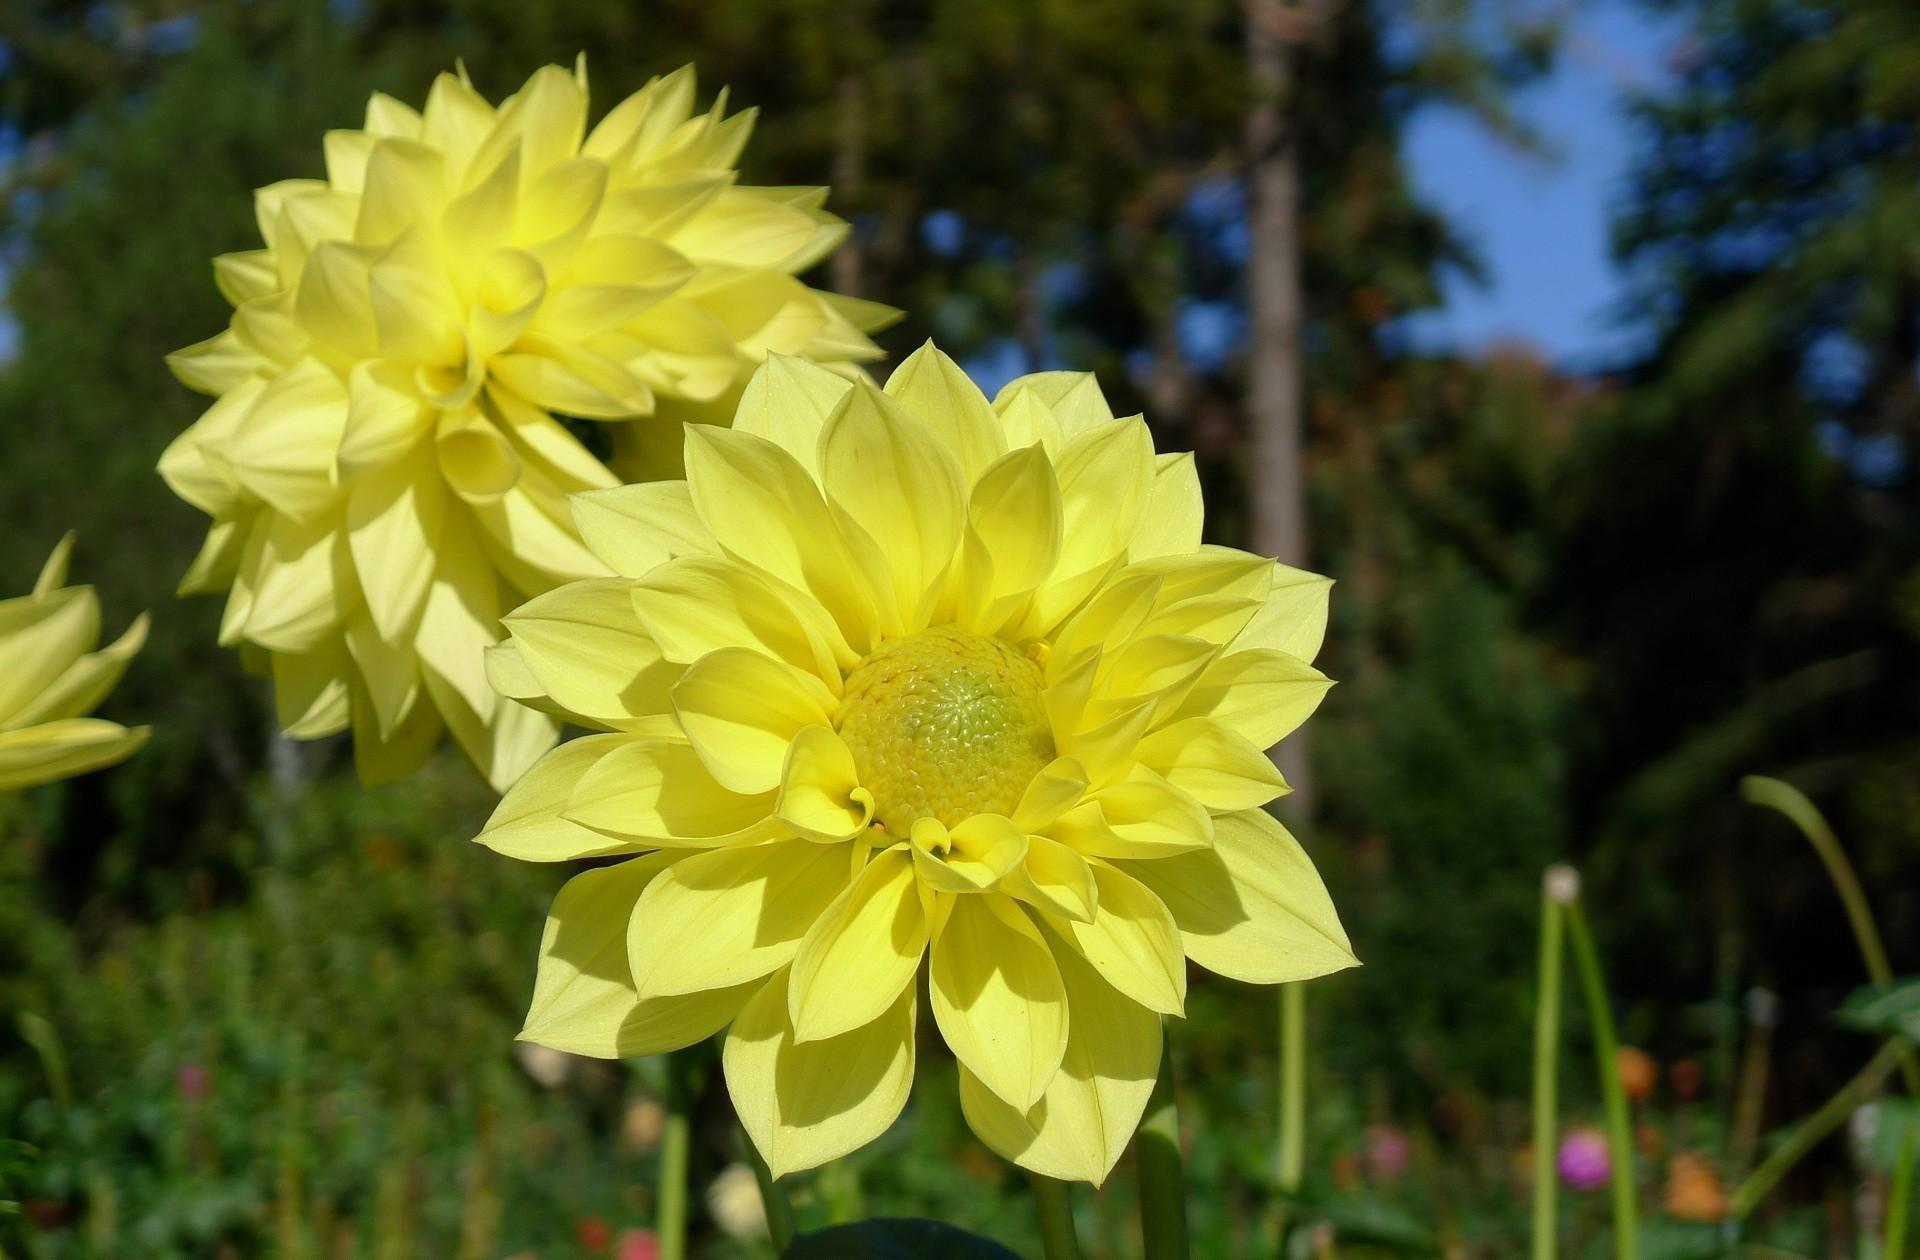 115002 скачать Желтые обои на телефон бесплатно, Цветы, Крупный План, Георгины Желтые картинки и заставки на мобильный